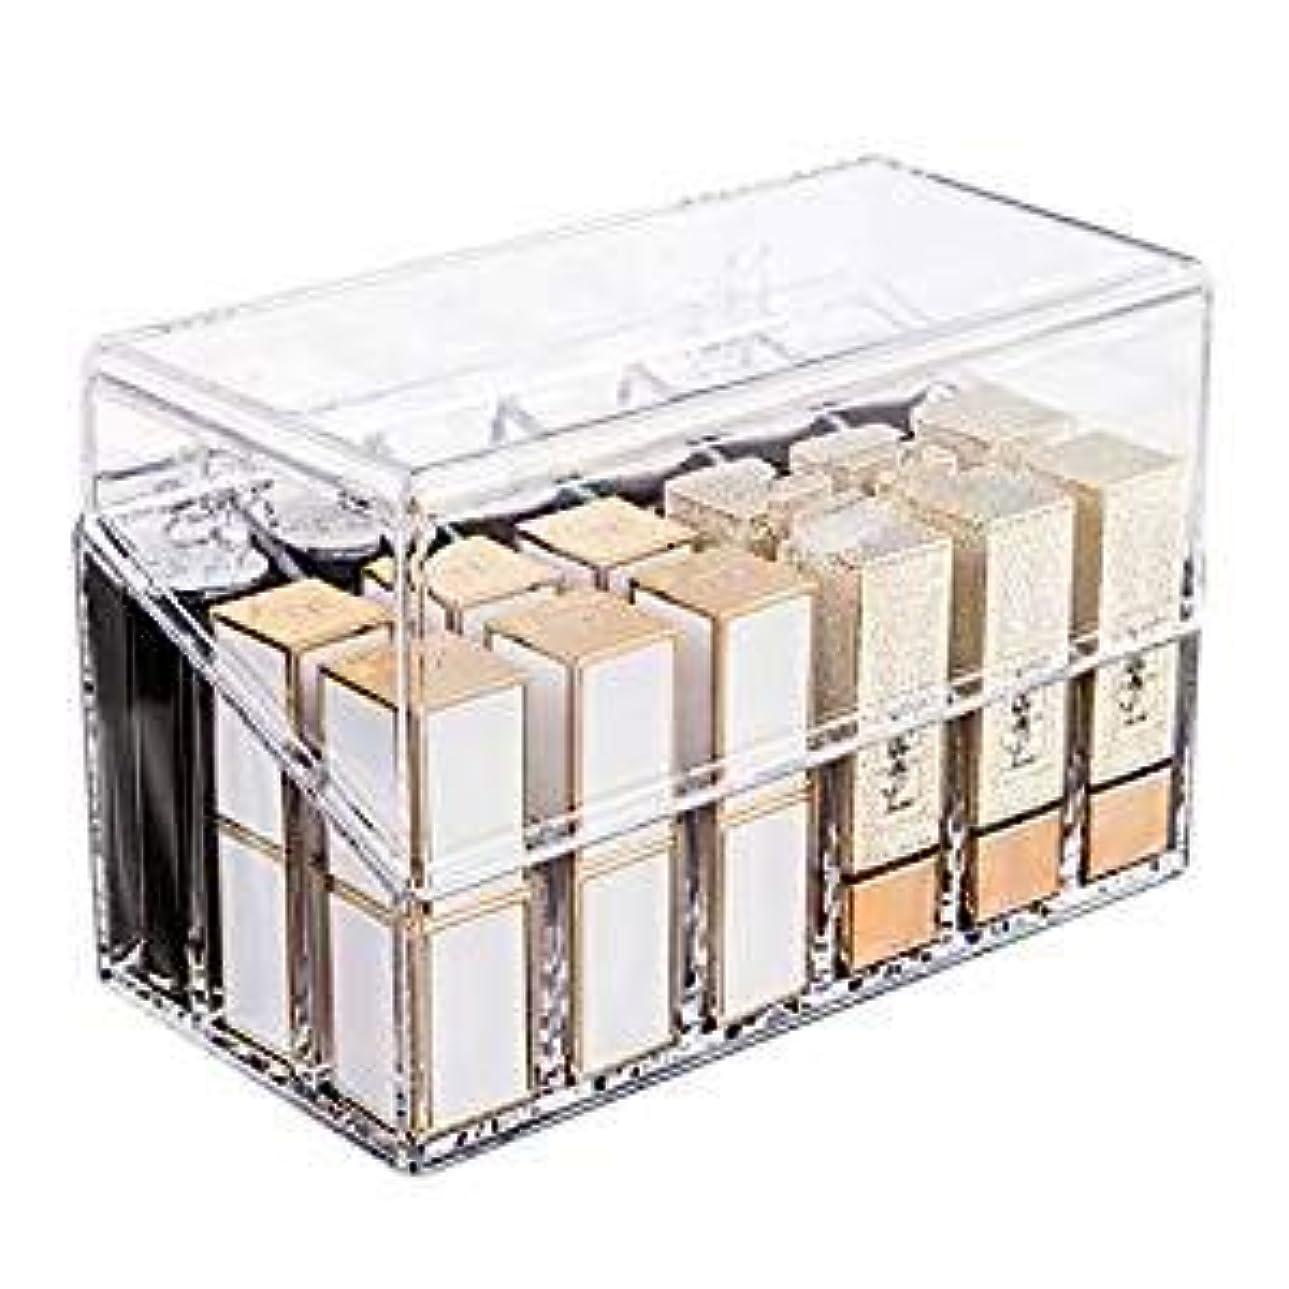 収容する策定する彼の口紅収納ボックス 18本 アクリル リップスティック収納ケース コスメ小物用品 化粧品収納ケース 透明